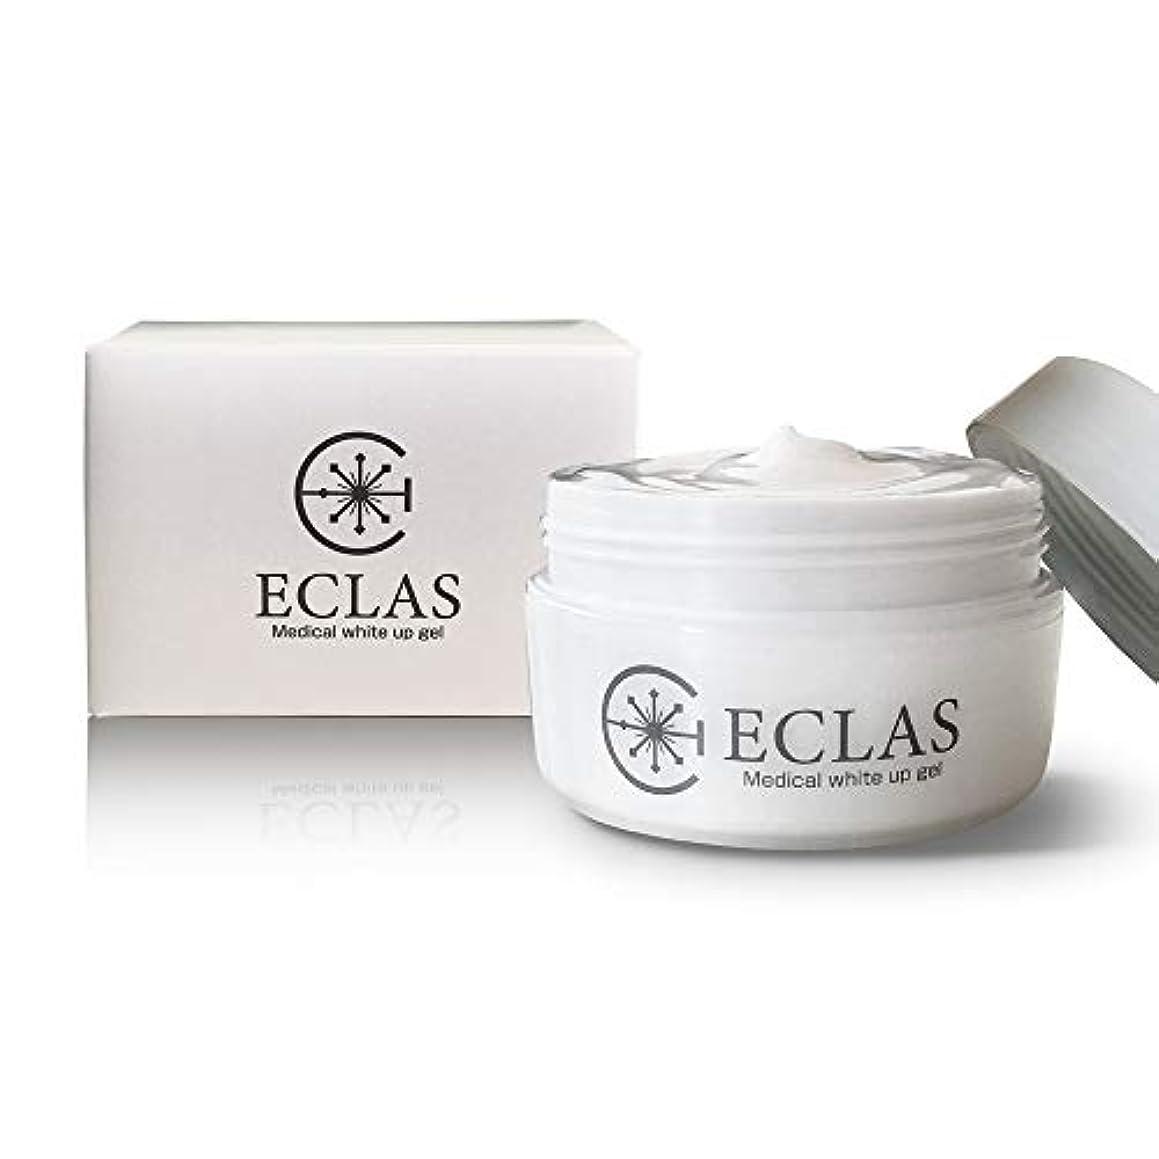 唯一教師の日校長【医薬部外品】ECLAS エクラス 薬用美白ジェル ジェル状 美容液 60g